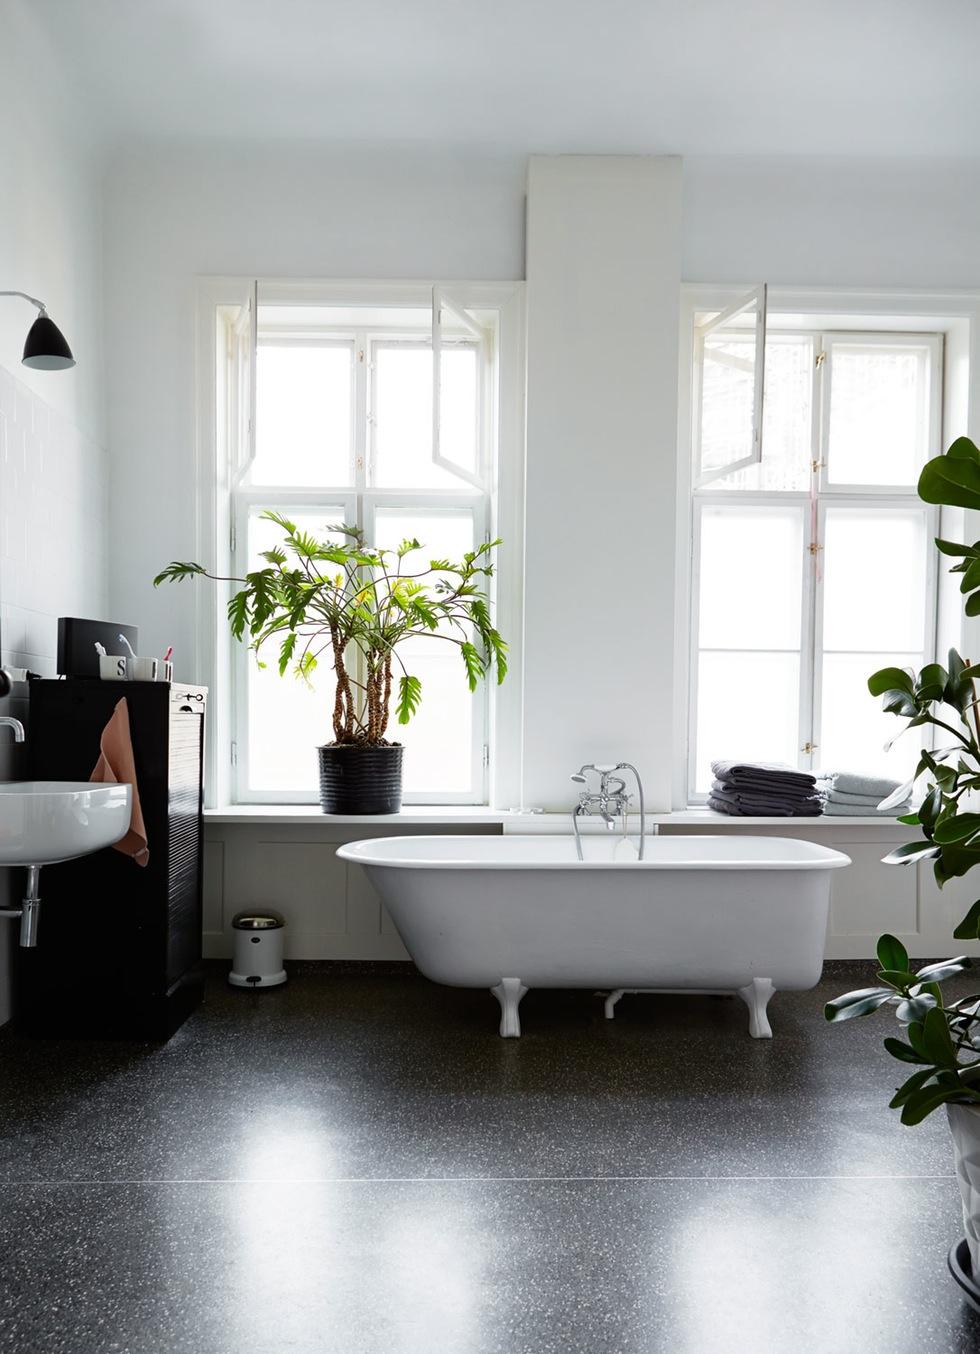 05-interior-design-ideas